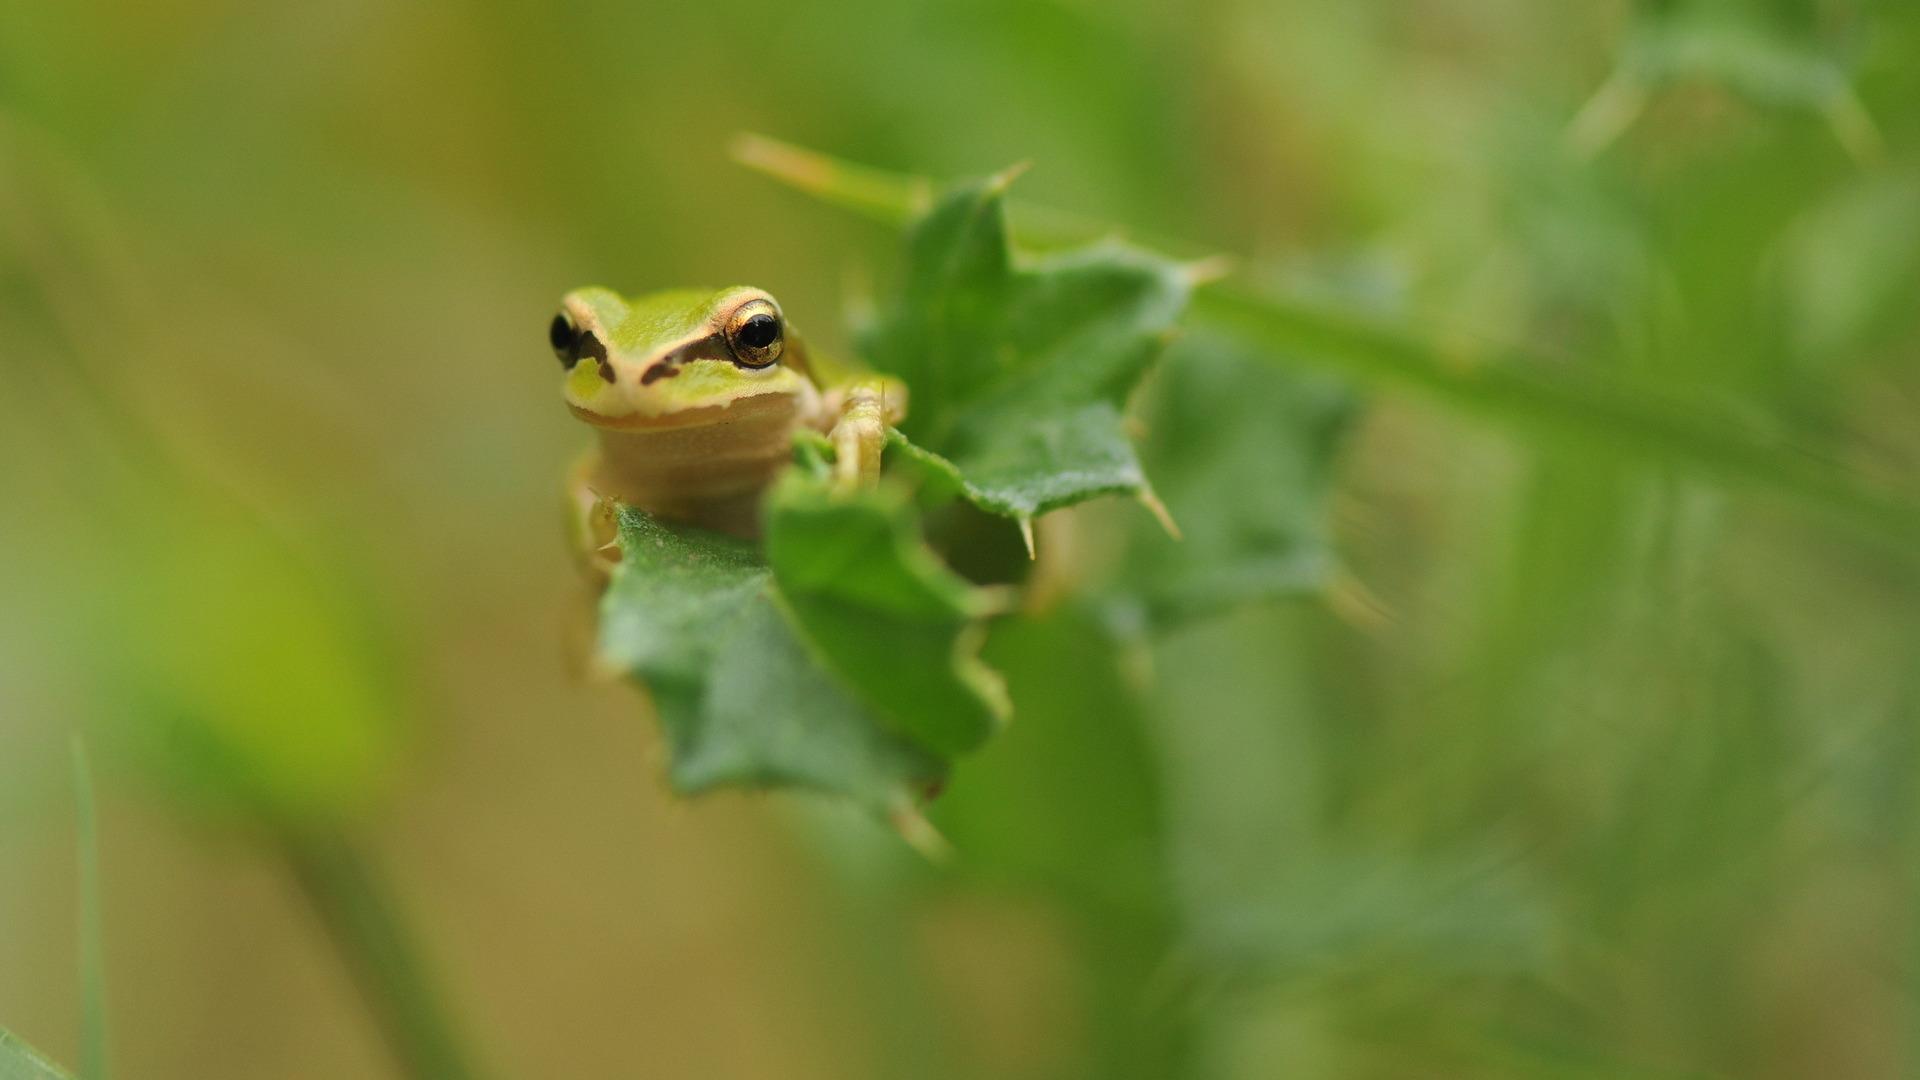 растение лягушка животное природа лист  № 1423108 бесплатно